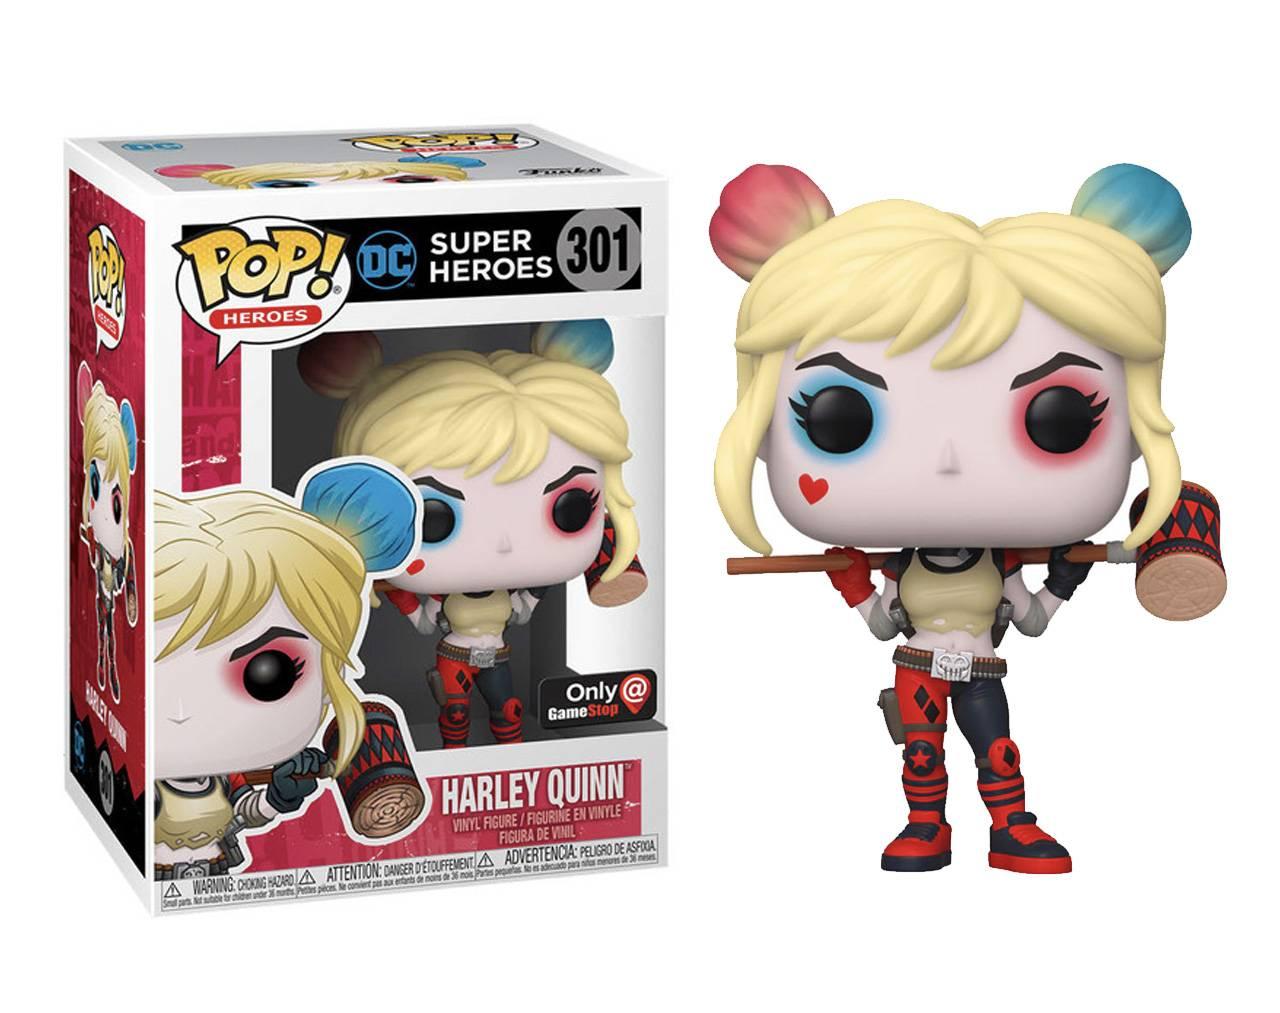 Harley Quinn (with Mallet) Pop! Vinyl